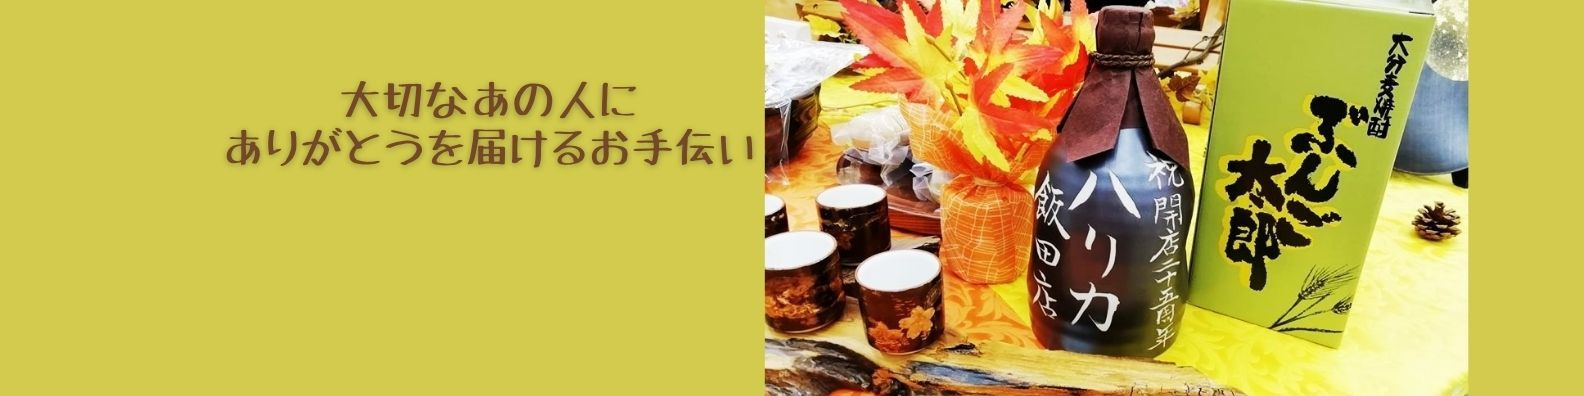 贈りもののハリカ飯田店